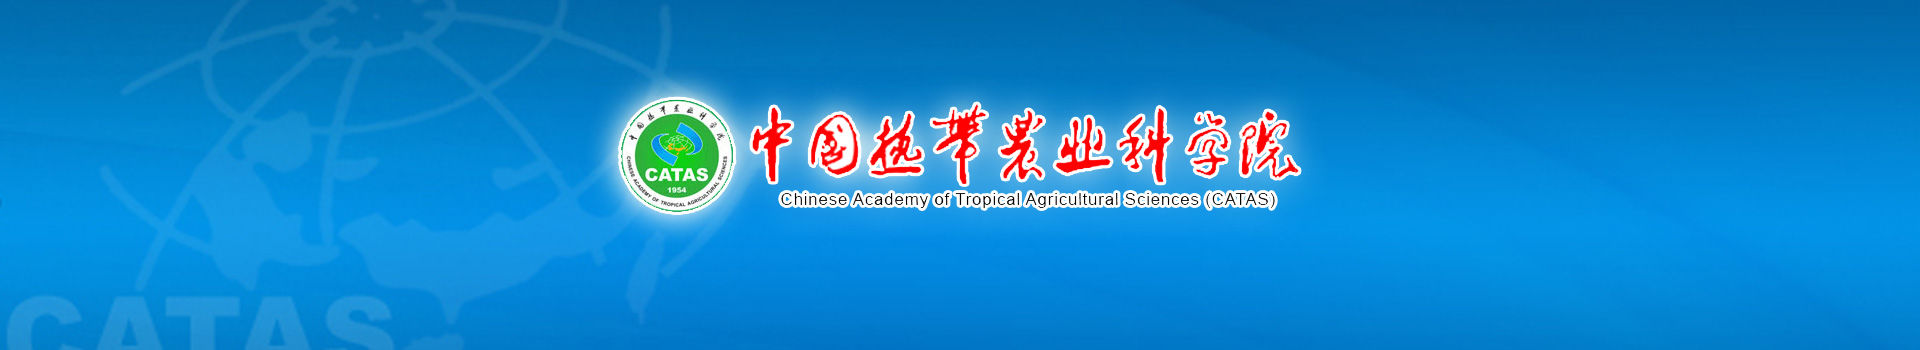 中国热带农业科学院2017年博士(后)人员招聘公告